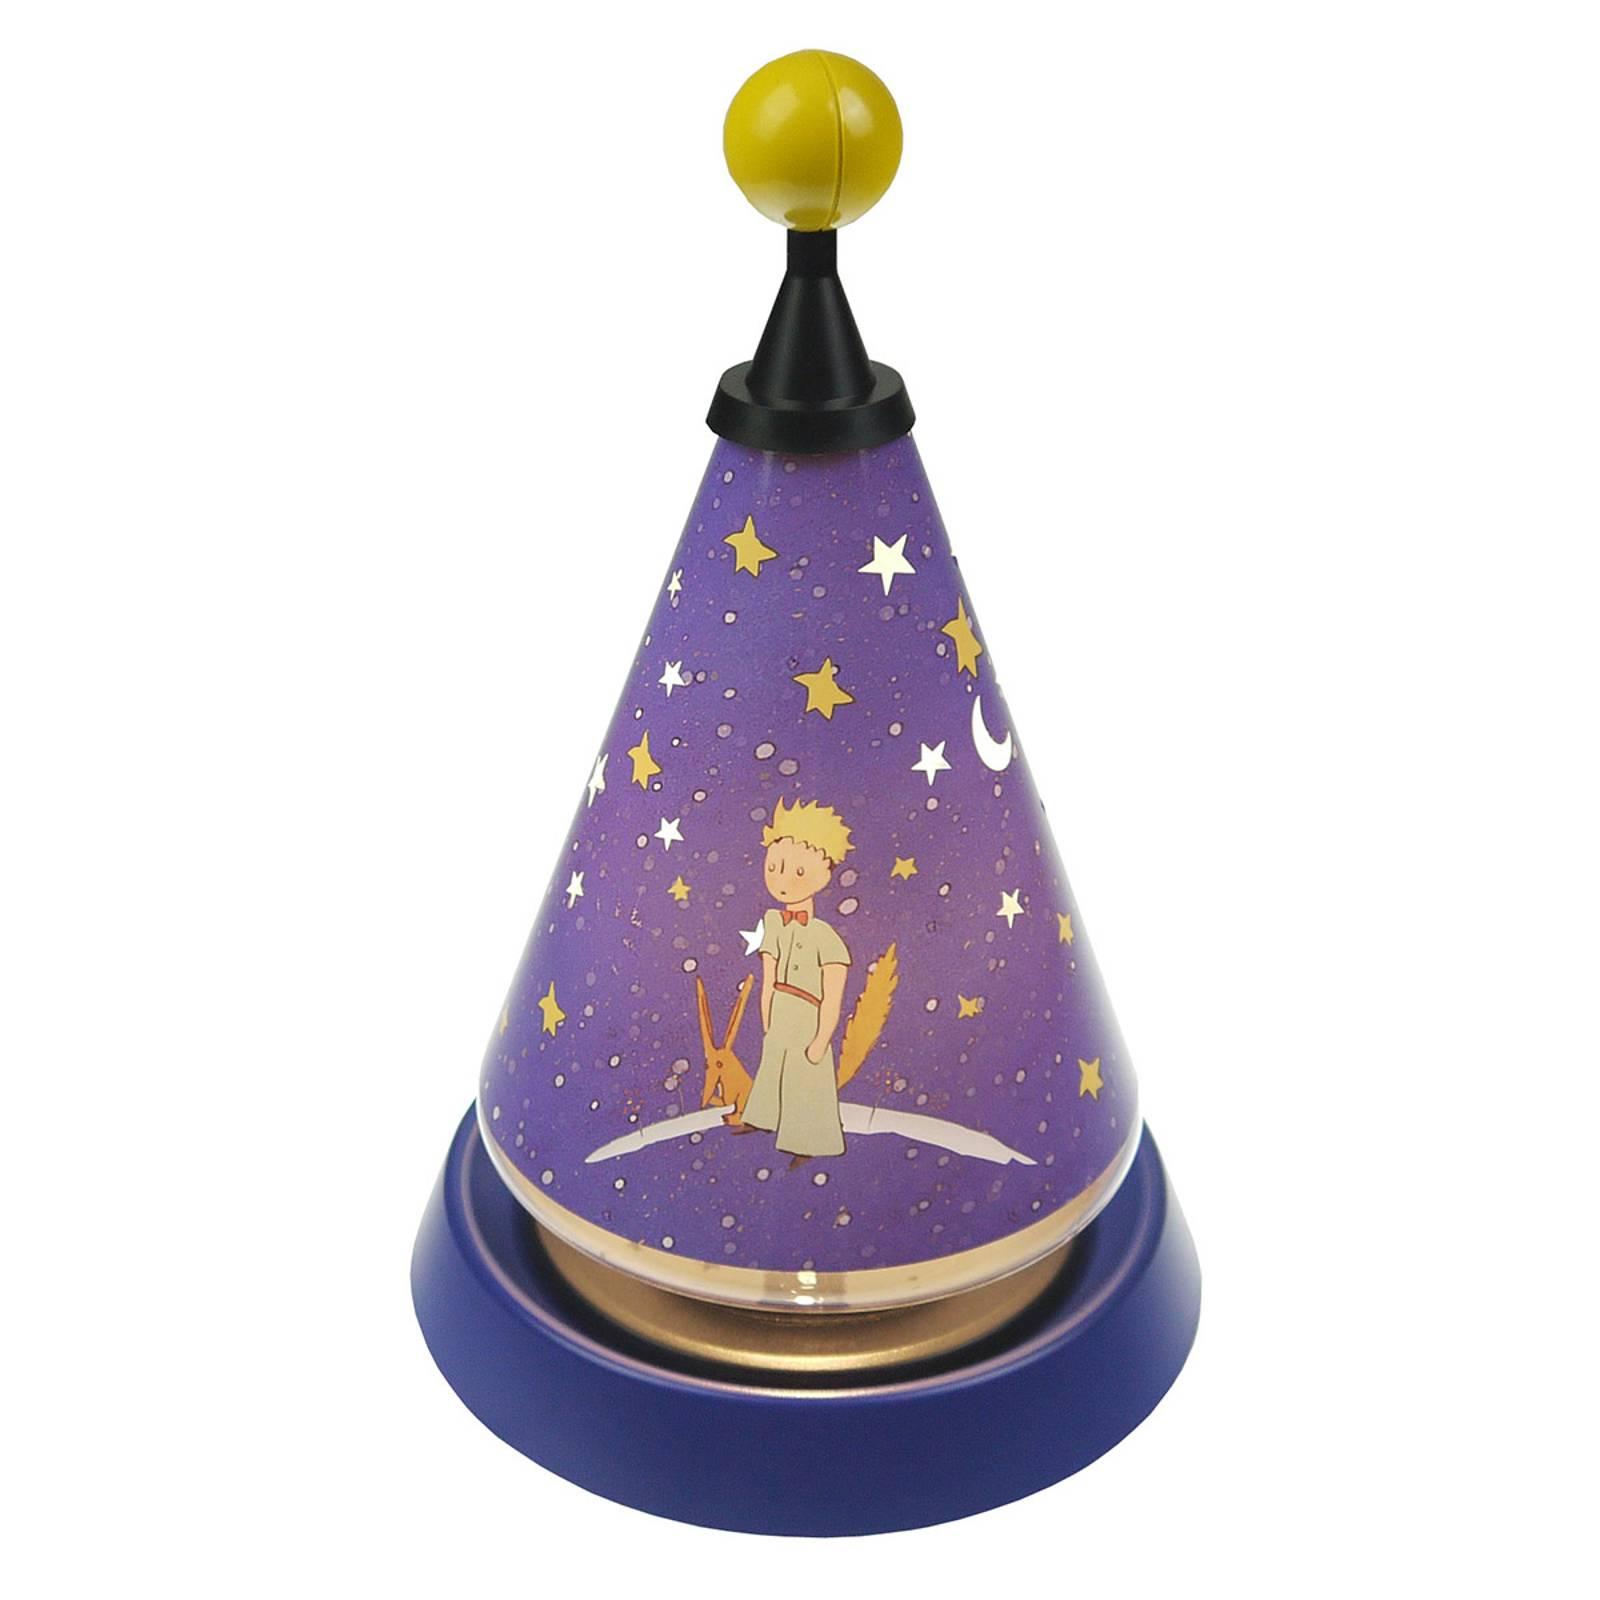 Carrousel pikku-prinssi - pyörivä yövalo